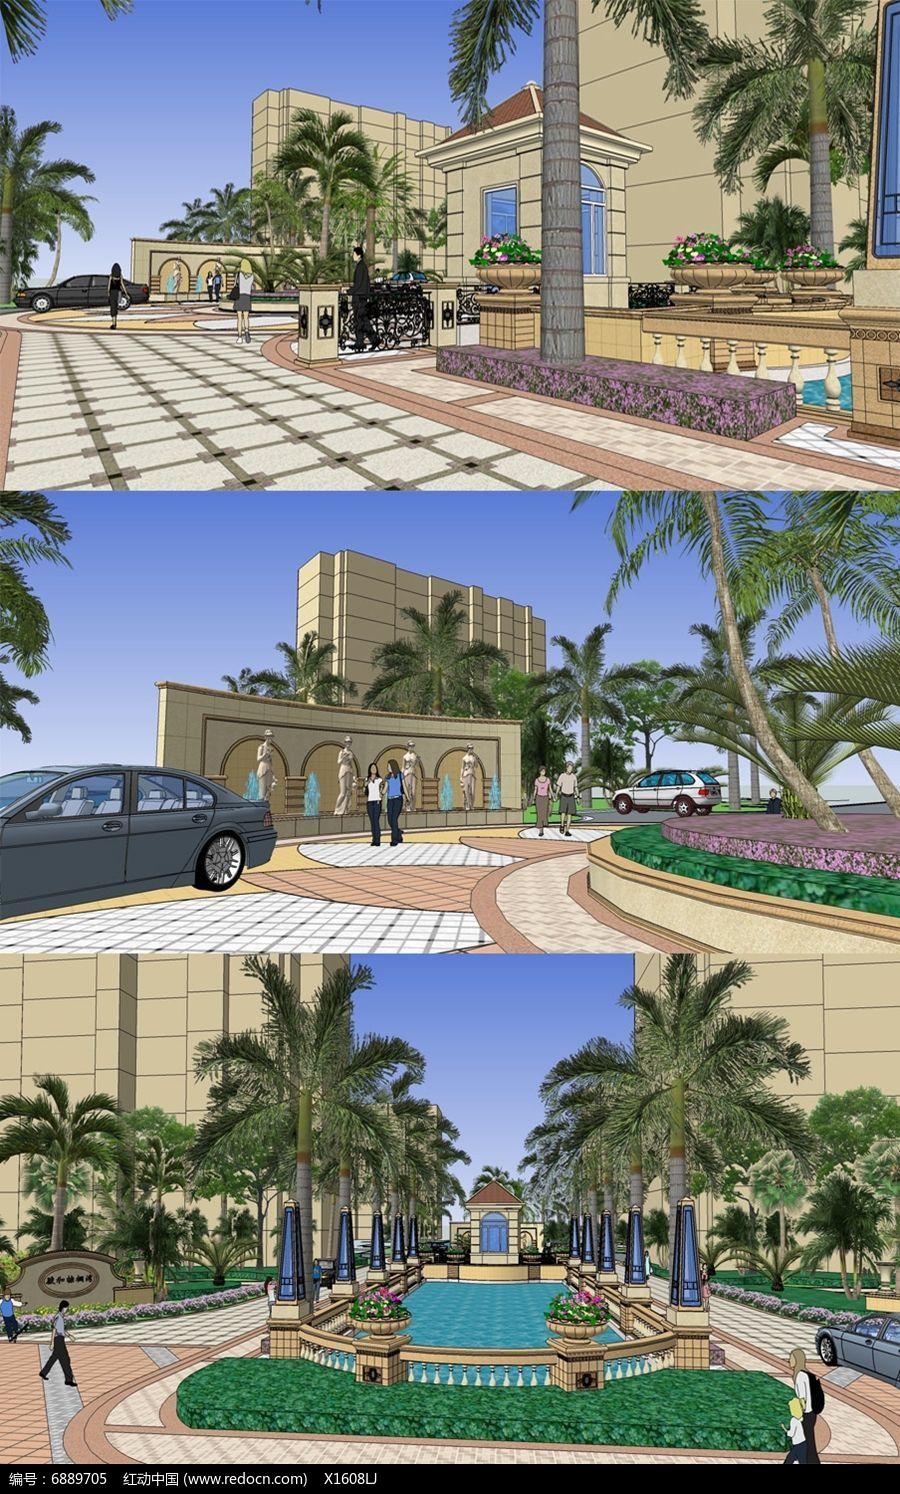 欧式住宅小区入口景观设计模型图片